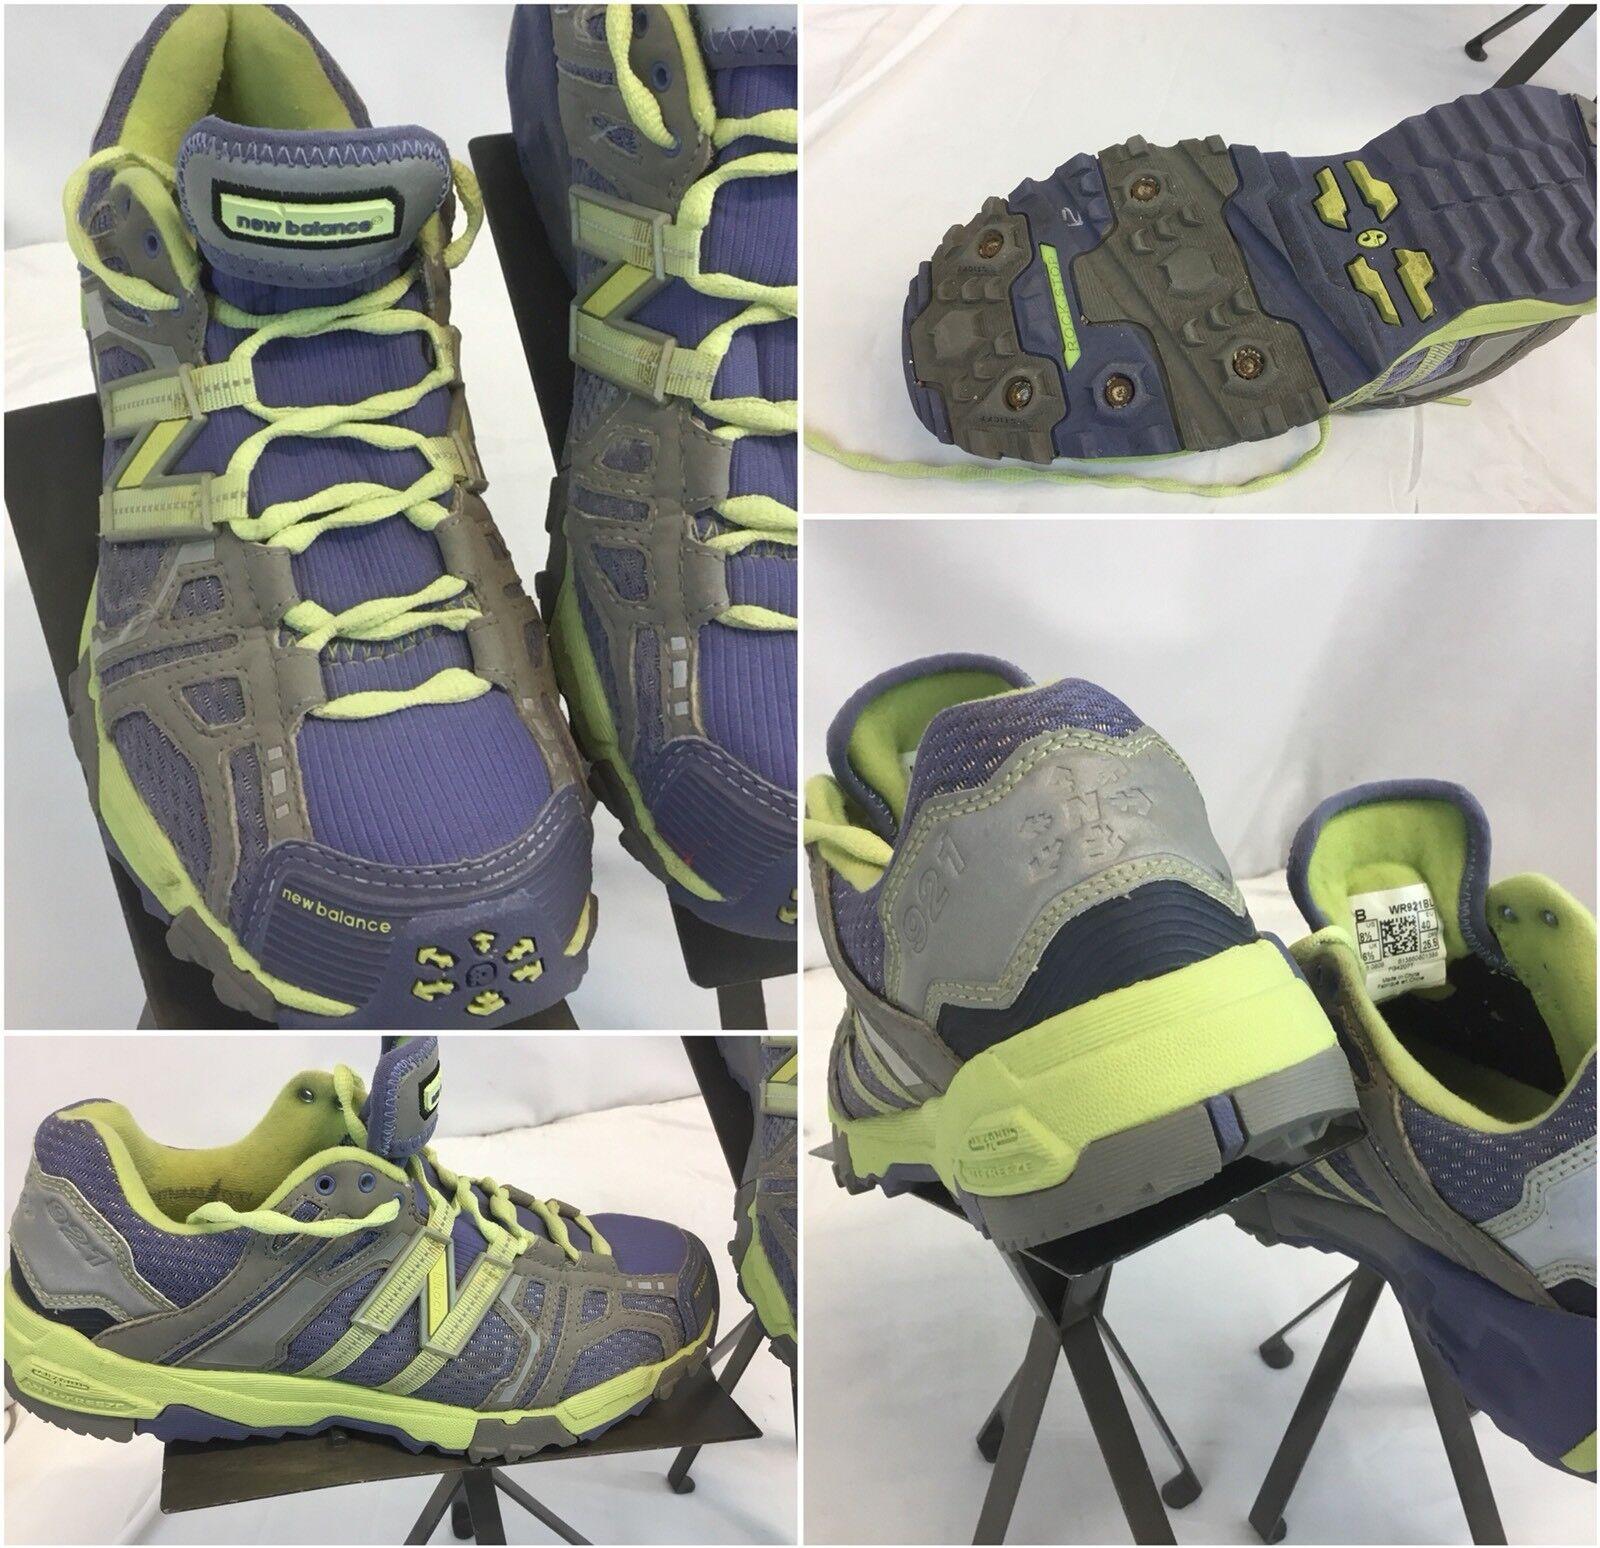 New Balance 921 Rock Stop  Chaussures  Sz 8.5 femmes gris Violet  EUC YGI H8S-15